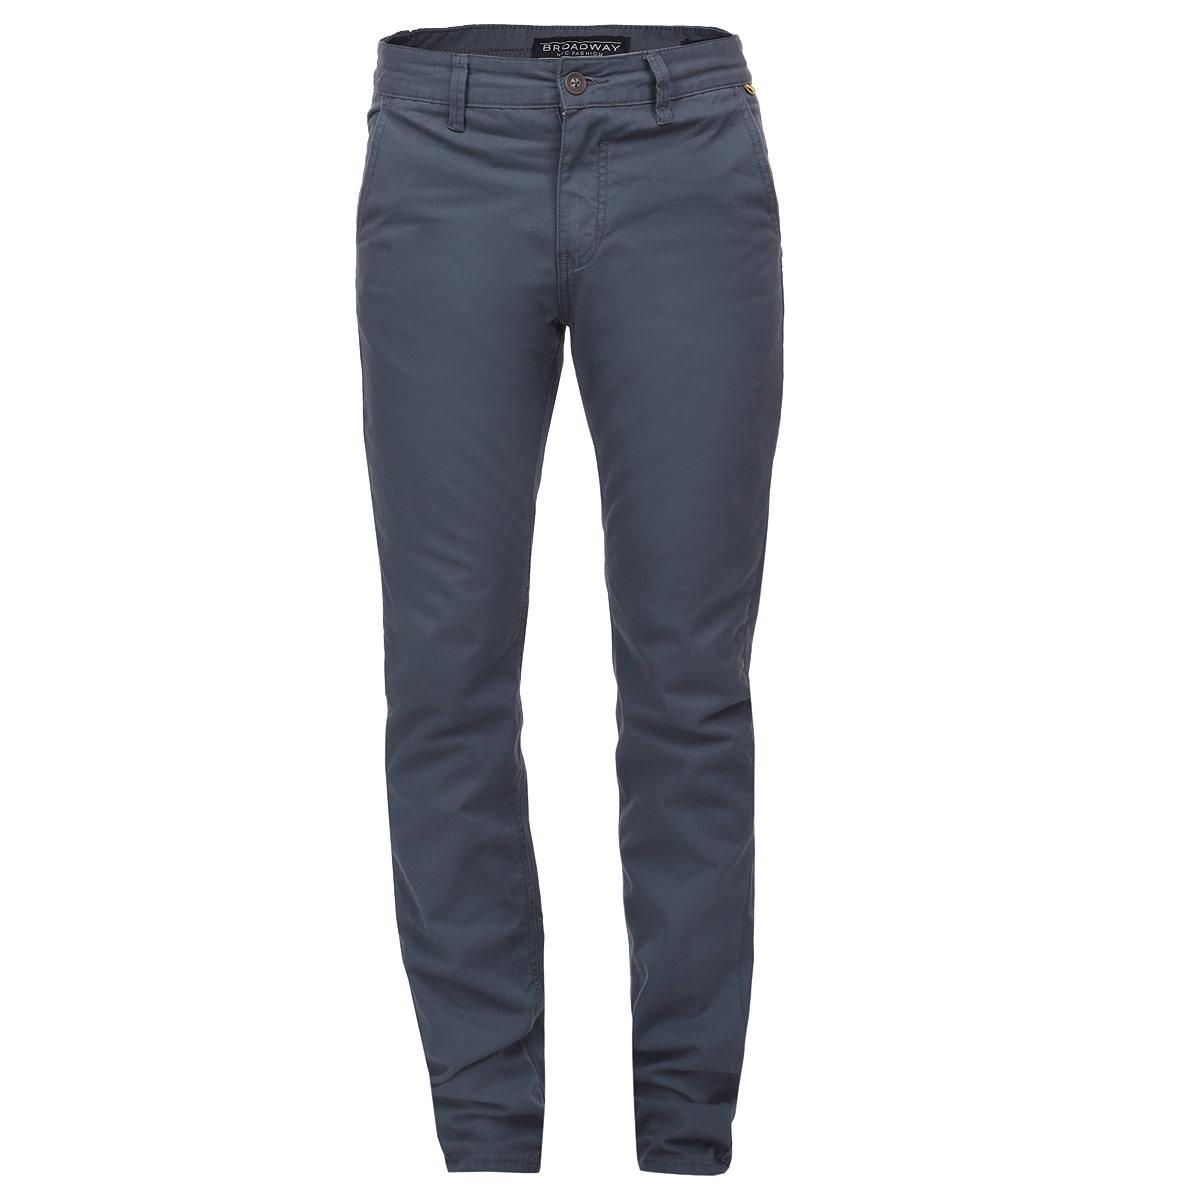 Брюки мужские. 1015256210152562 535Стильные мужские брюки Broadway, выполненные из натурального хлопка высочайшего качества, подходят большинству мужчин. Модель прямого кроя и средней посадки станет отличным дополнением к вашему современному образу. Застегиваются брюки на пуговицу в поясе и ширинку на молнии, имеются шлевки для ремня. Спереди модель оформлена двумя втачными карманами с косыми срезами, а сзади - двумя прорезными карманами на пуговицах. Эти модные и в тоже время комфортные брюки послужат отличным дополнением к вашему гардеробу. В них вы всегда будете чувствовать себя уютно и комфортно.